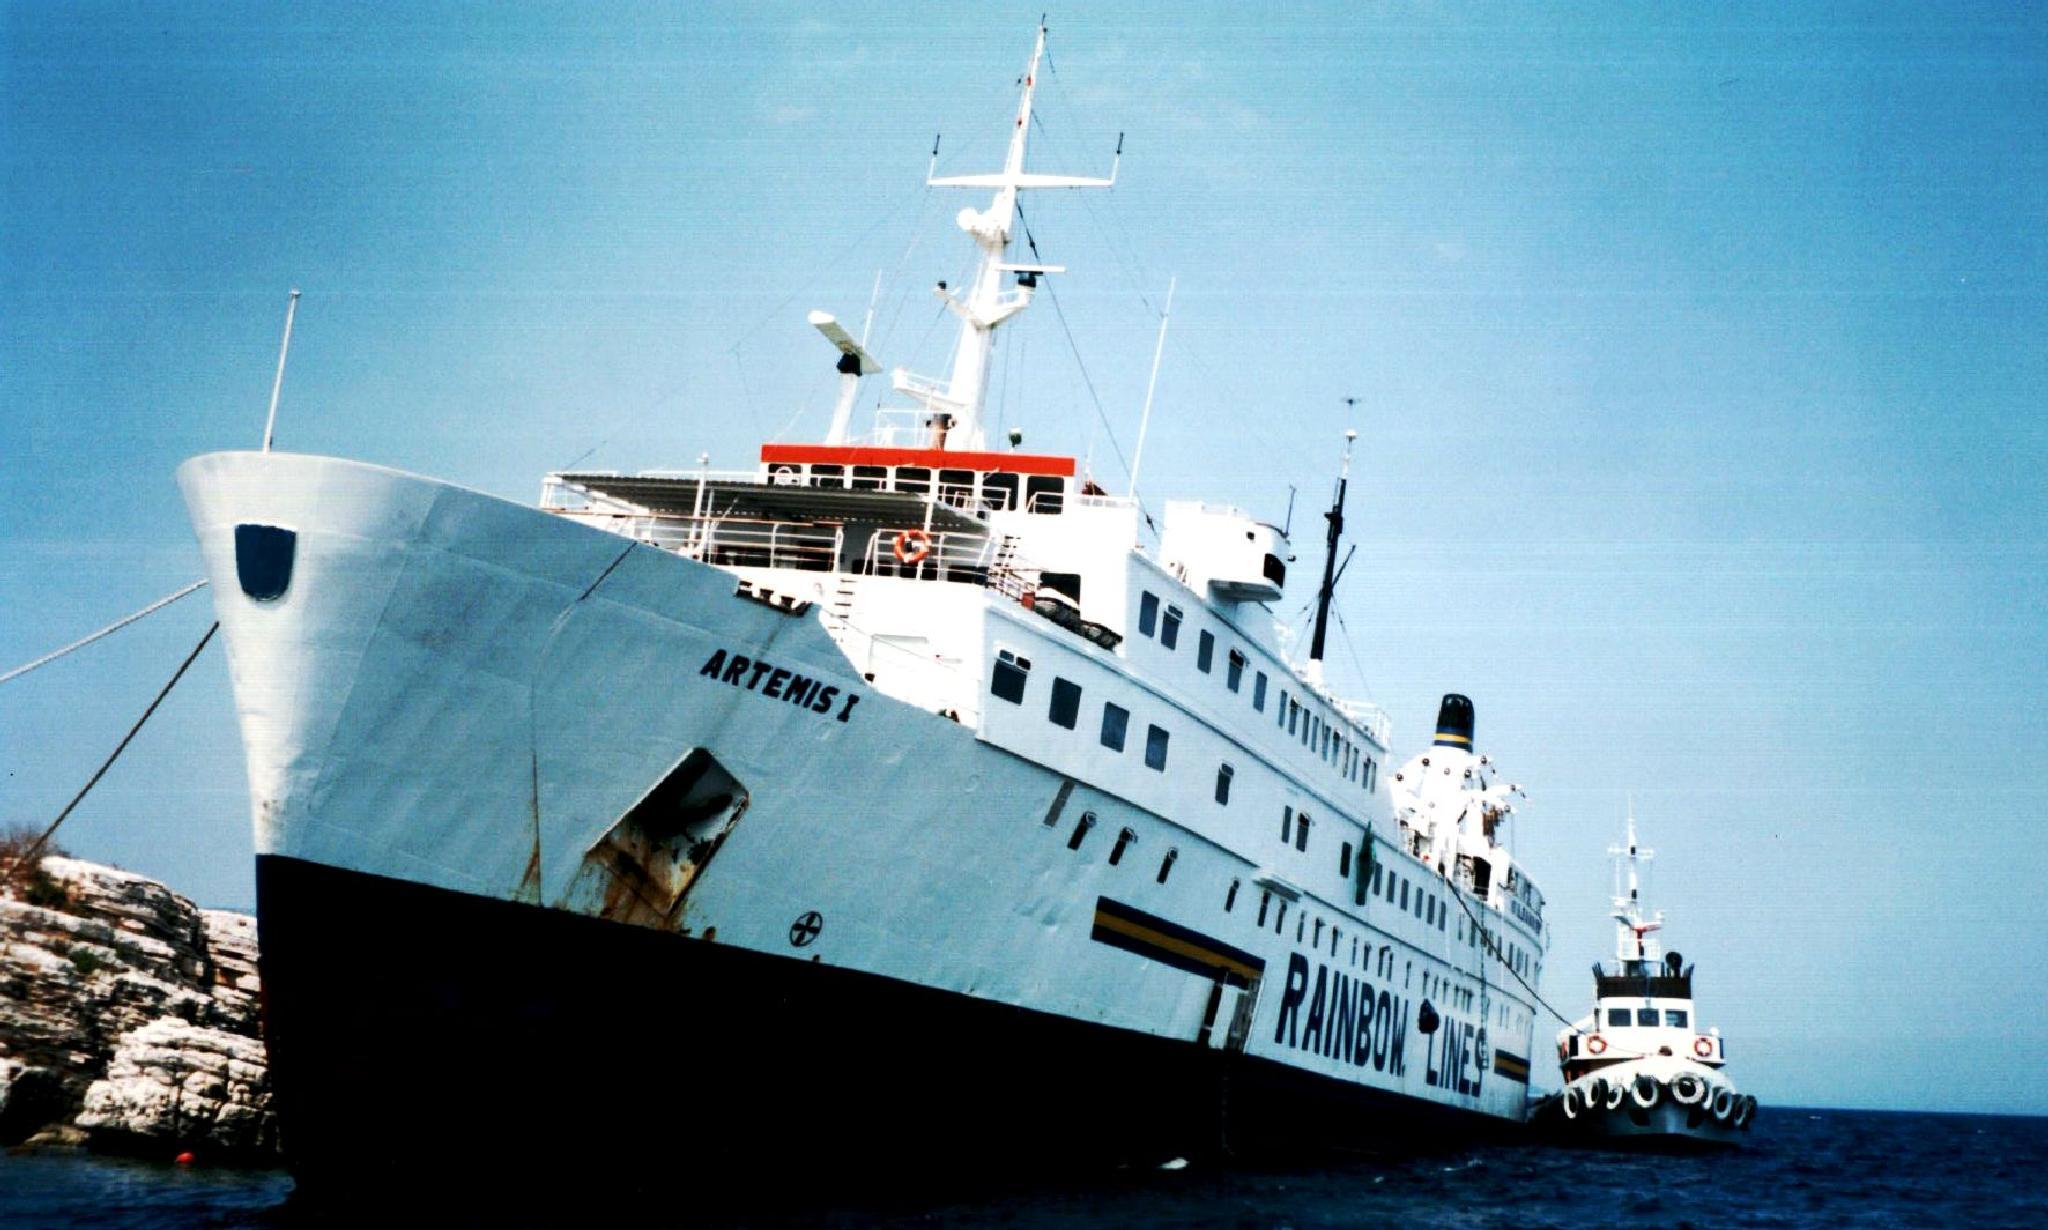 Artemis I 'shipwrecked' 1996 by cinzia.sawatzky